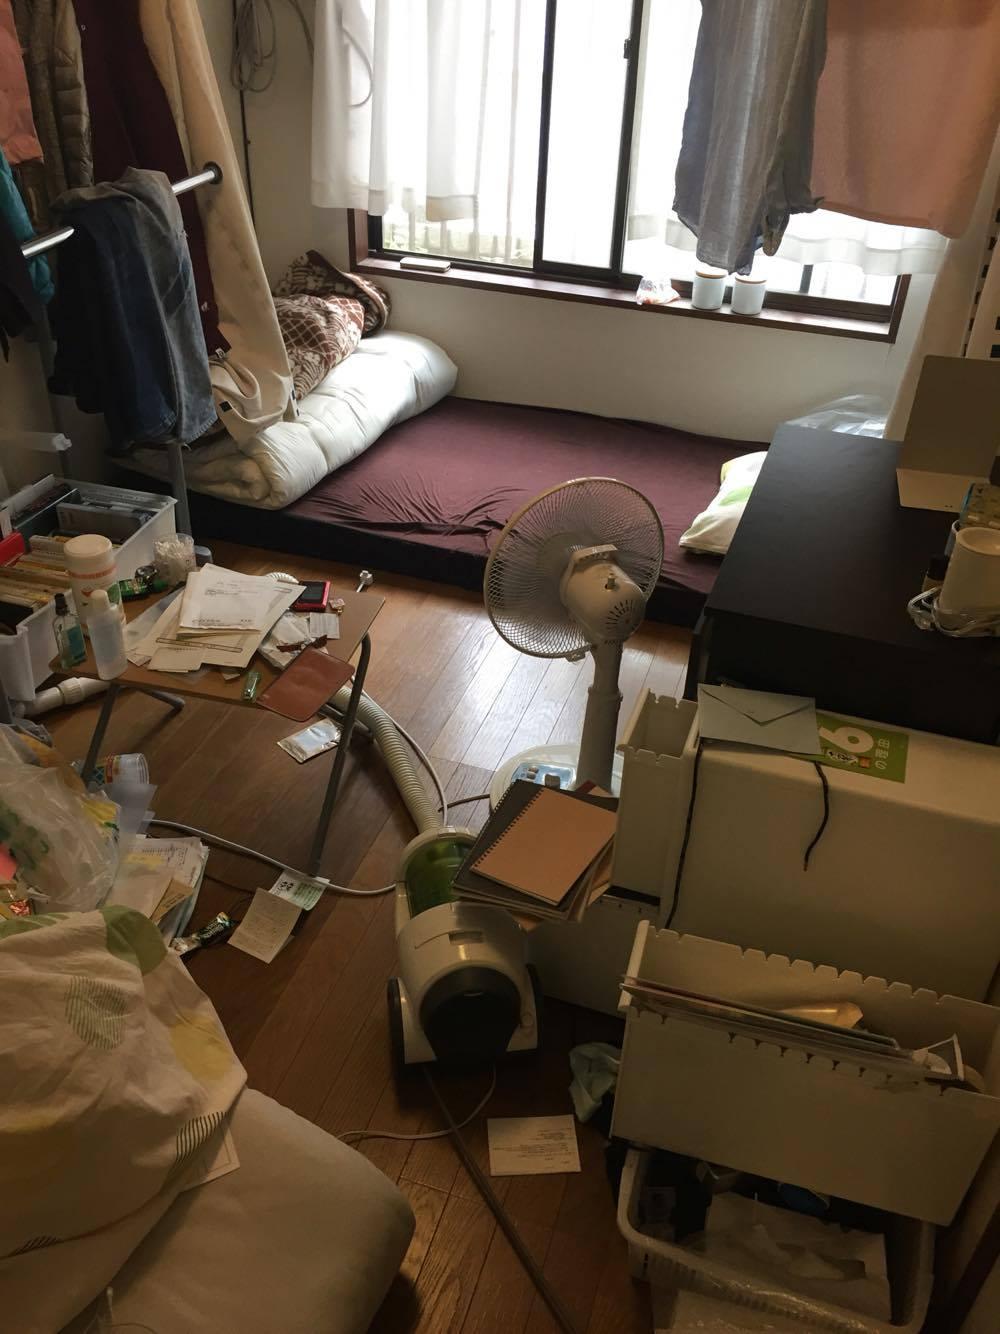 散らかし放題の部屋after